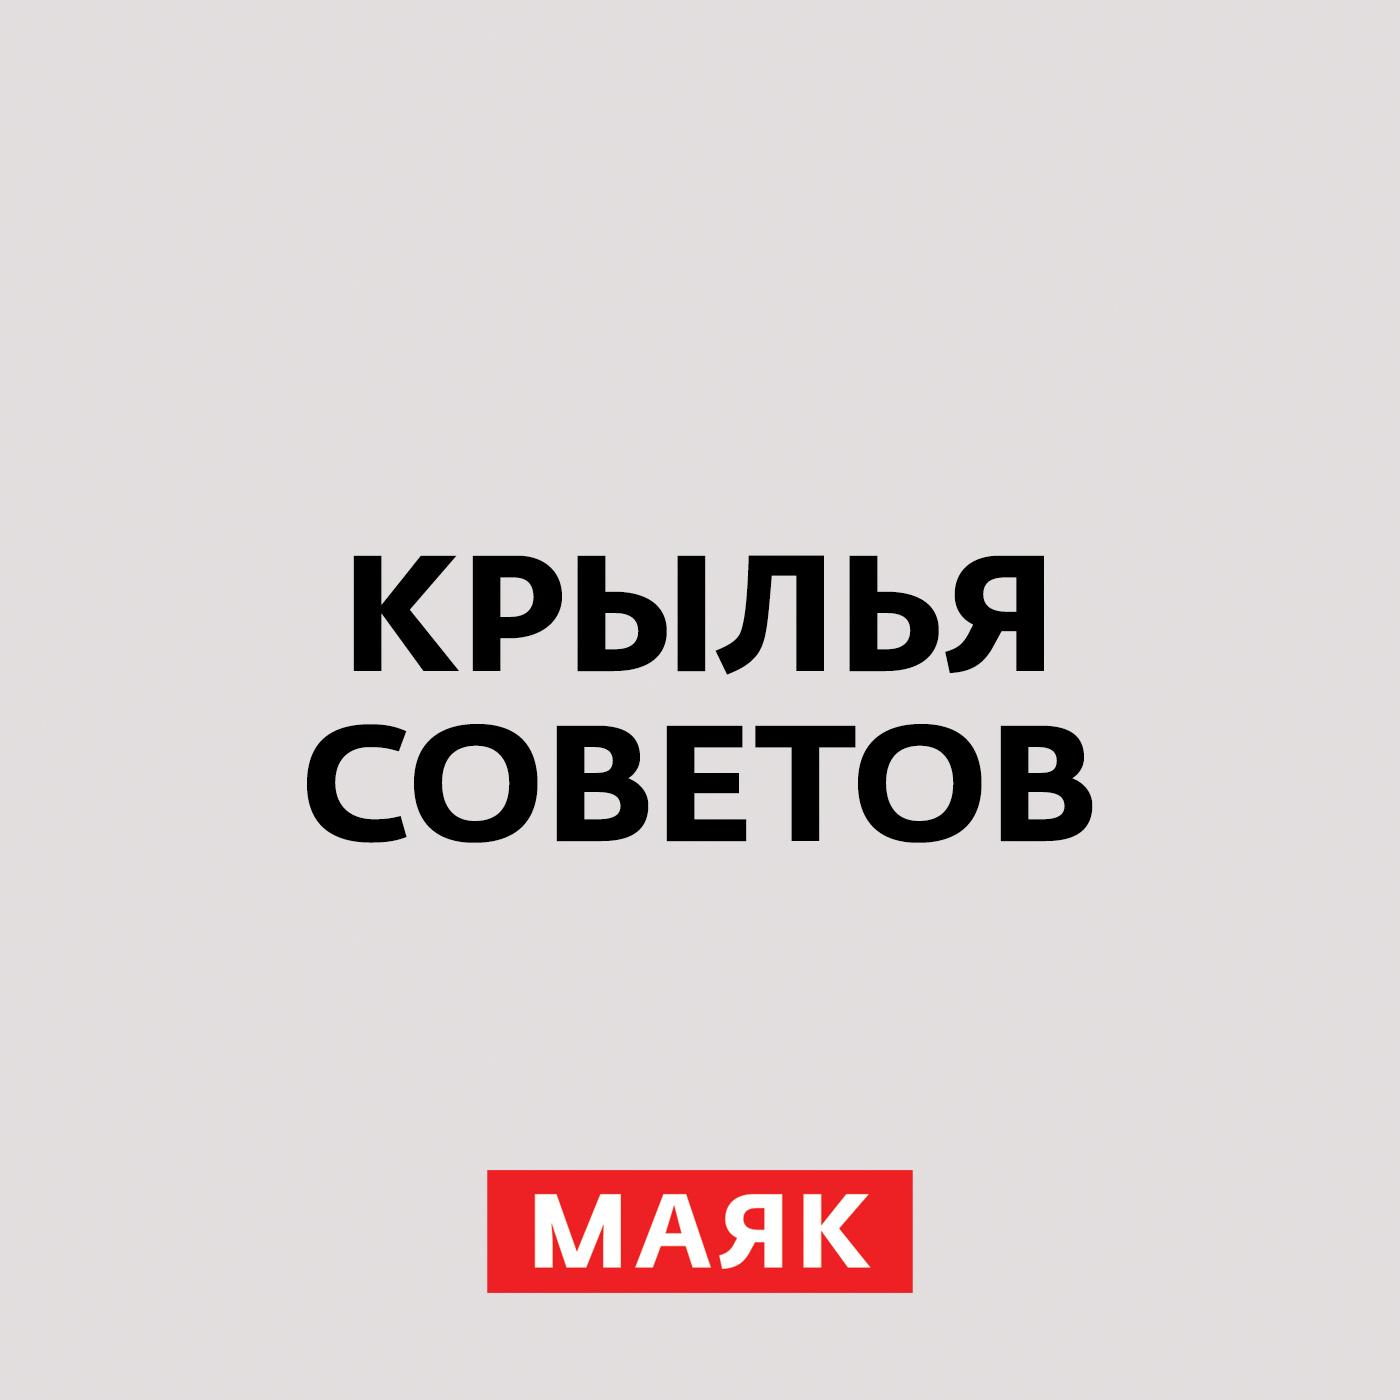 Андрей Николаевич Туполев – русский и советский авиаконструктор